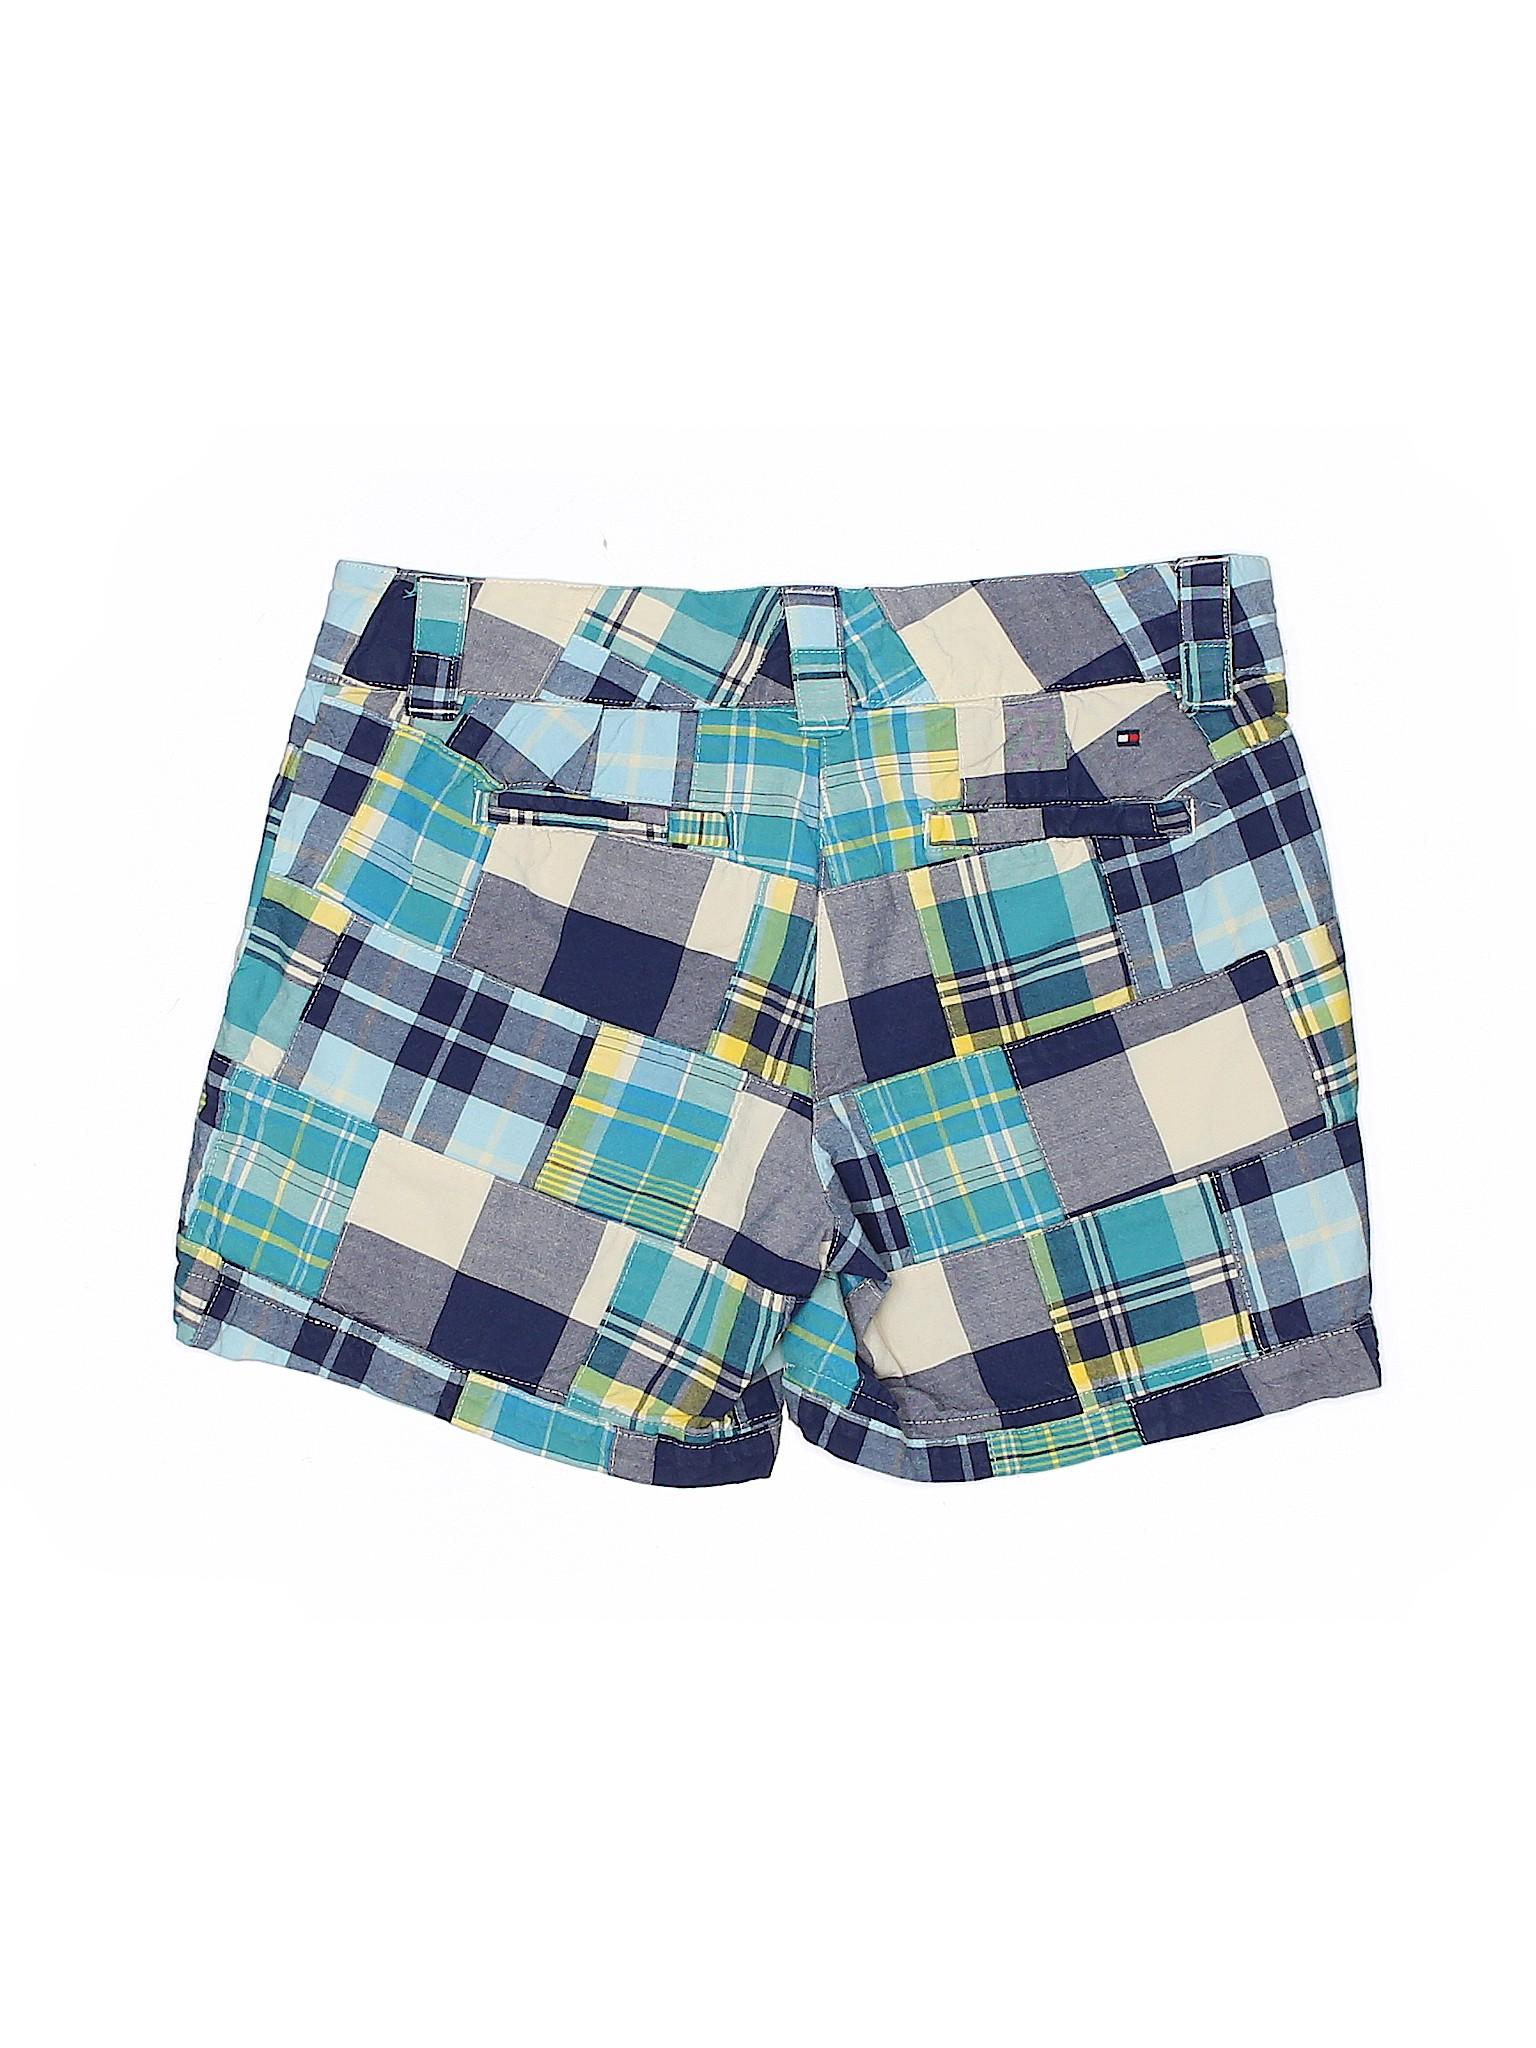 Boutique Shorts Hilfiger Khaki Boutique Tommy Tommy Hilfiger Khaki rqr0Havn